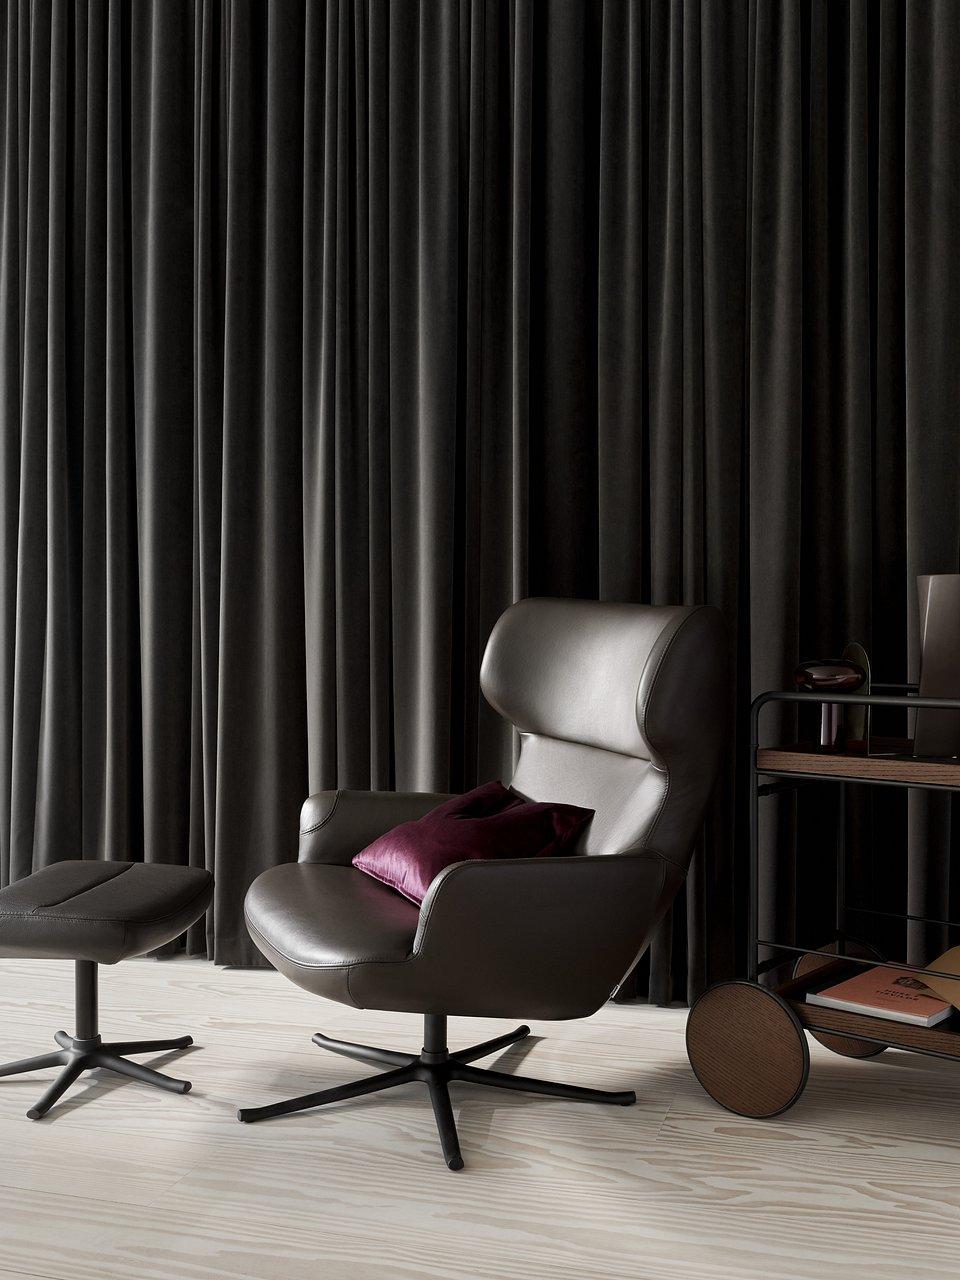 Fotel Trento z funkcją obrotu, cena od 5.969,- Podnóżek Trento, cena od 1.969,-